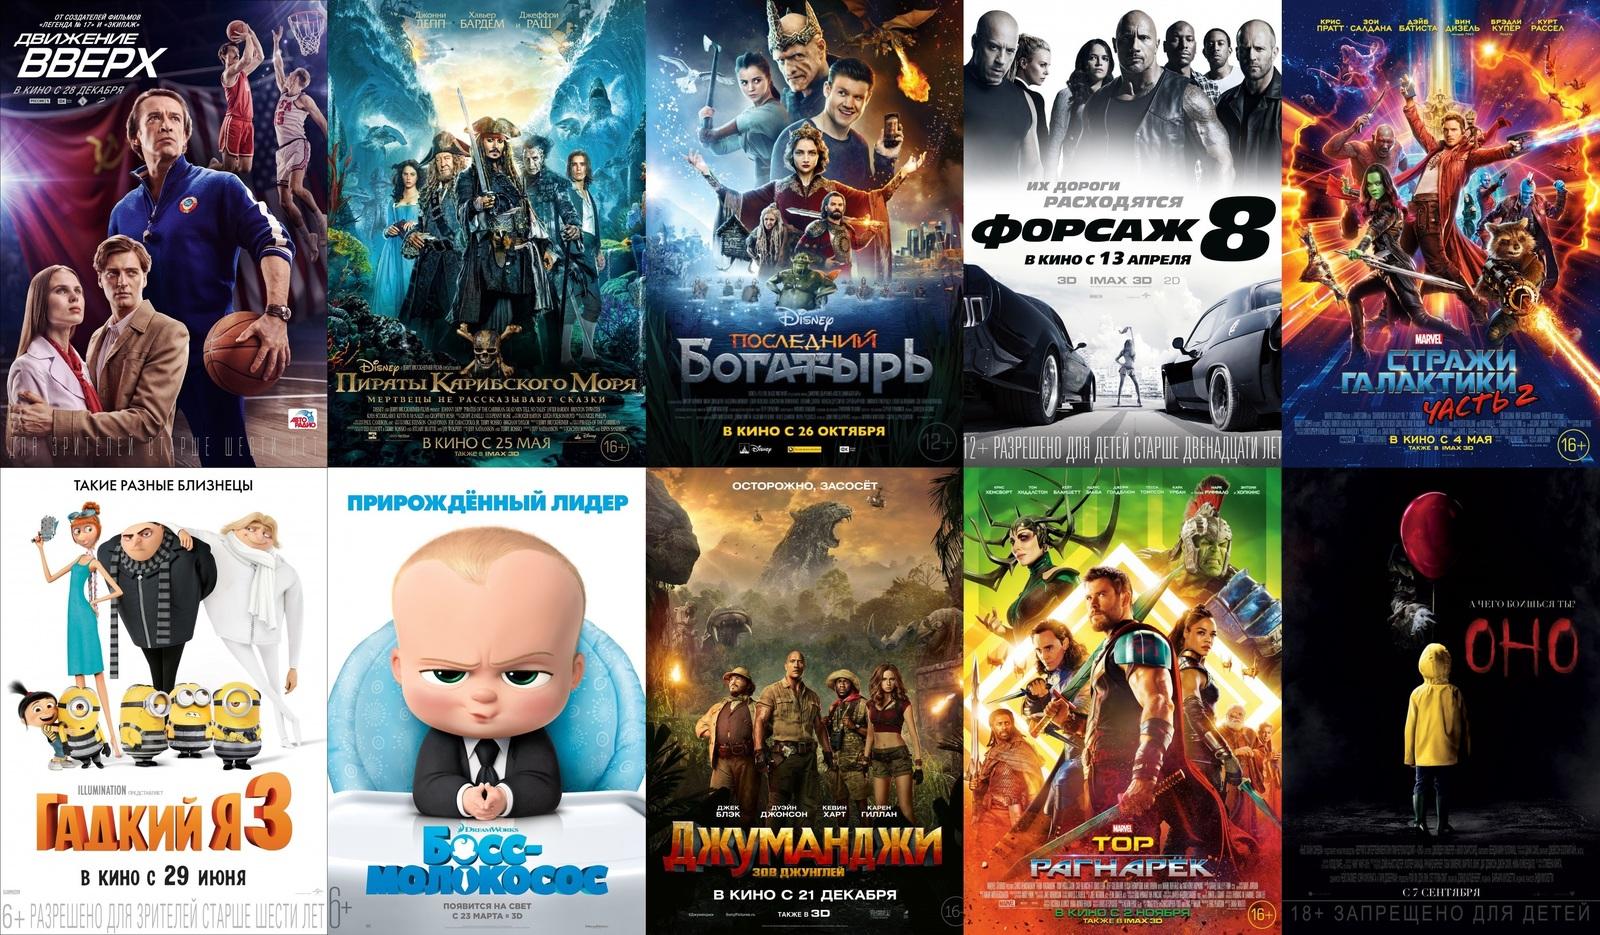 самые кассовые фильмы 2017 года в российском кинопрокате